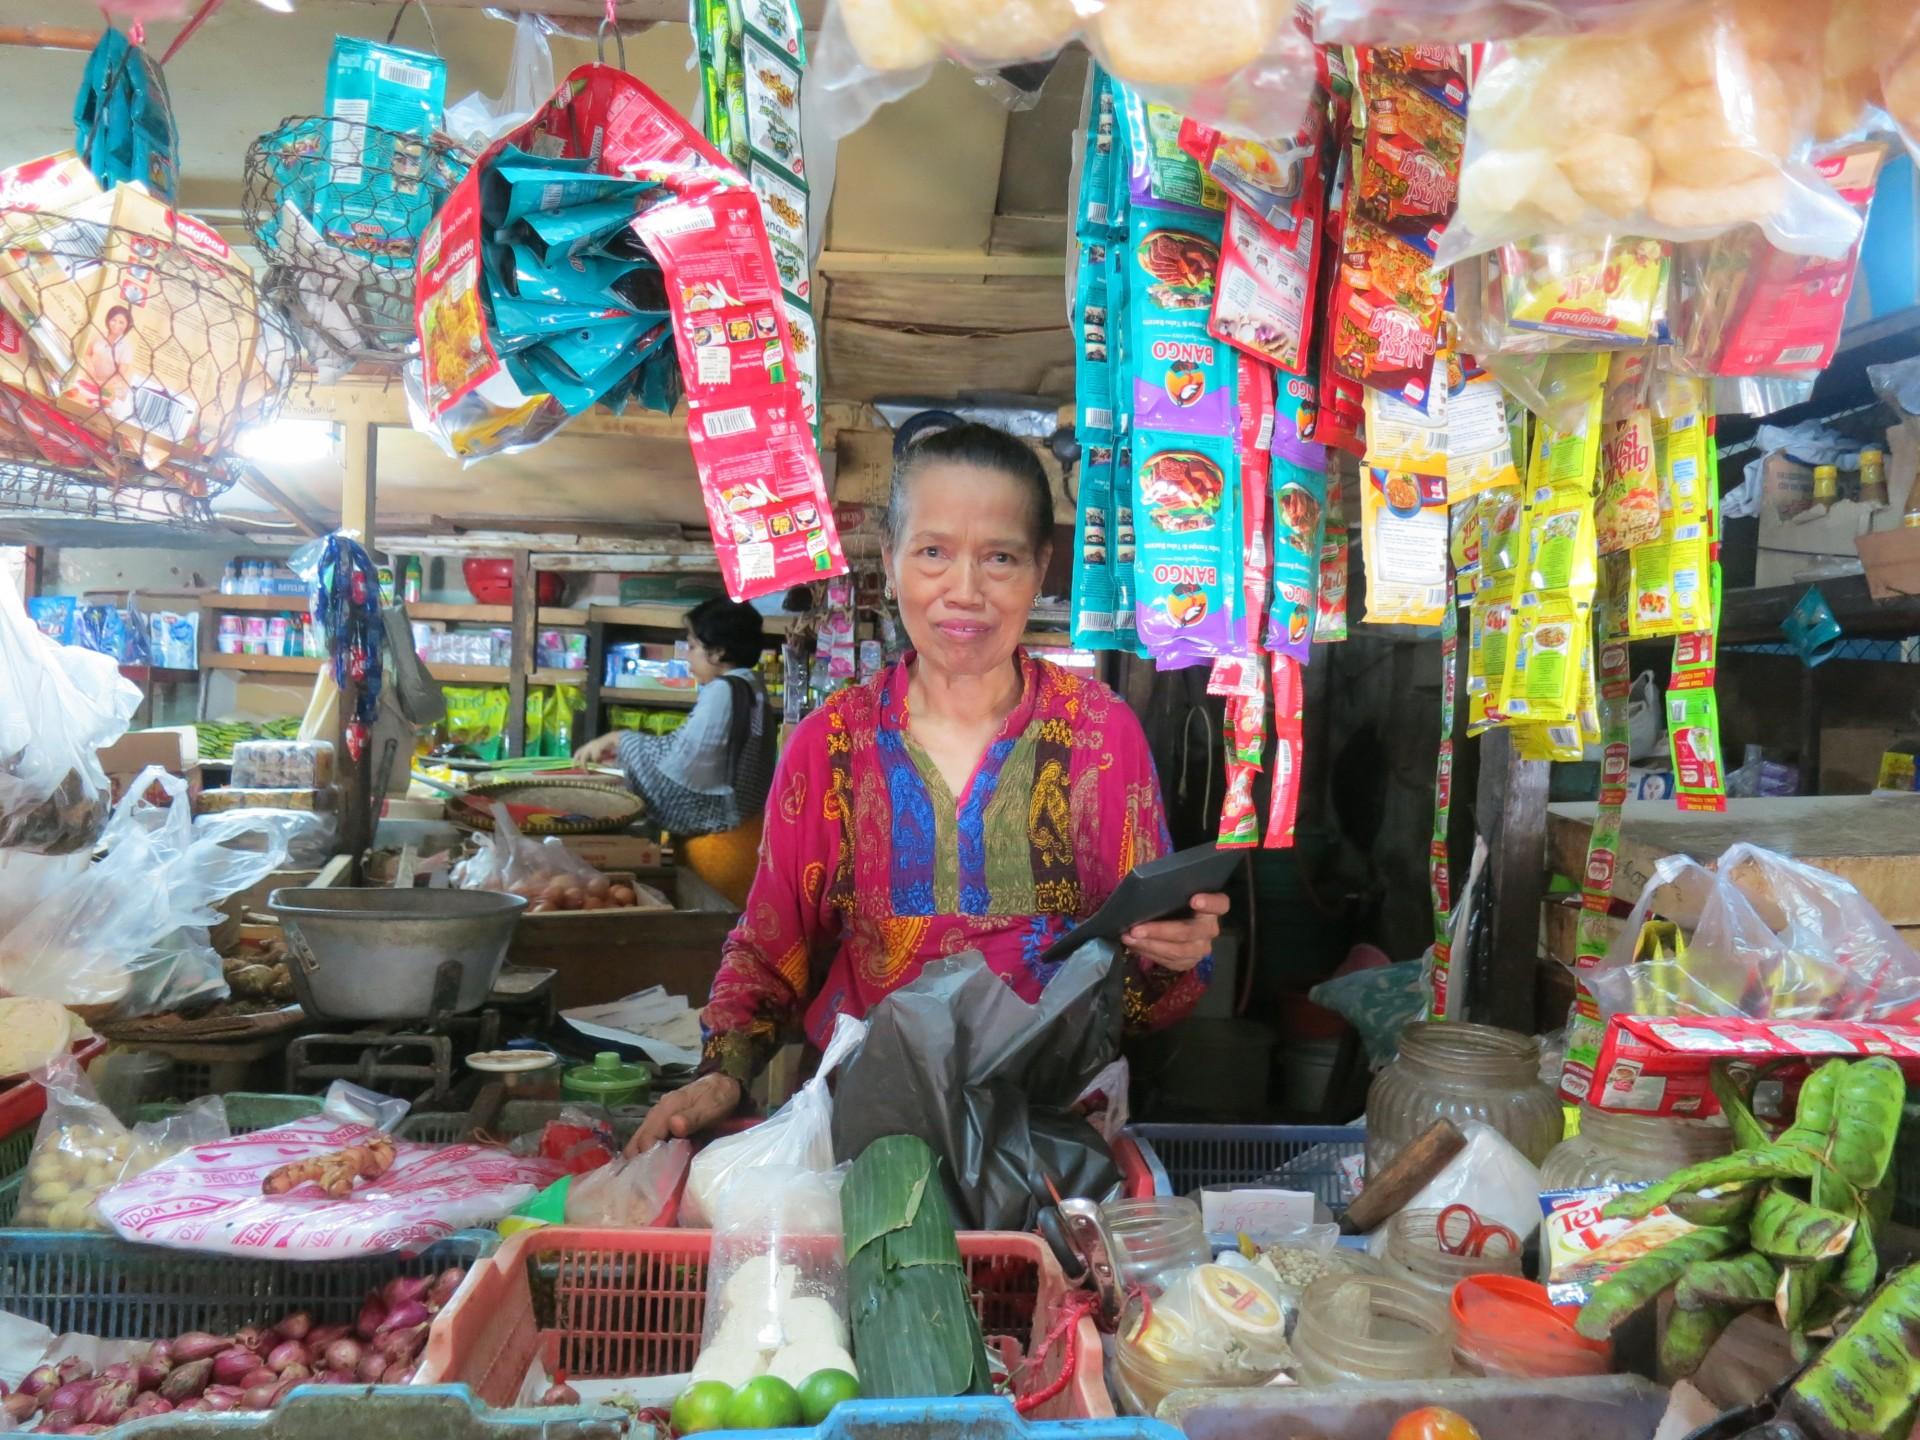 Straatverkopers en huishoudsters in Indonesië hebben geen rechtsbescherming. Dag van de arbeid.